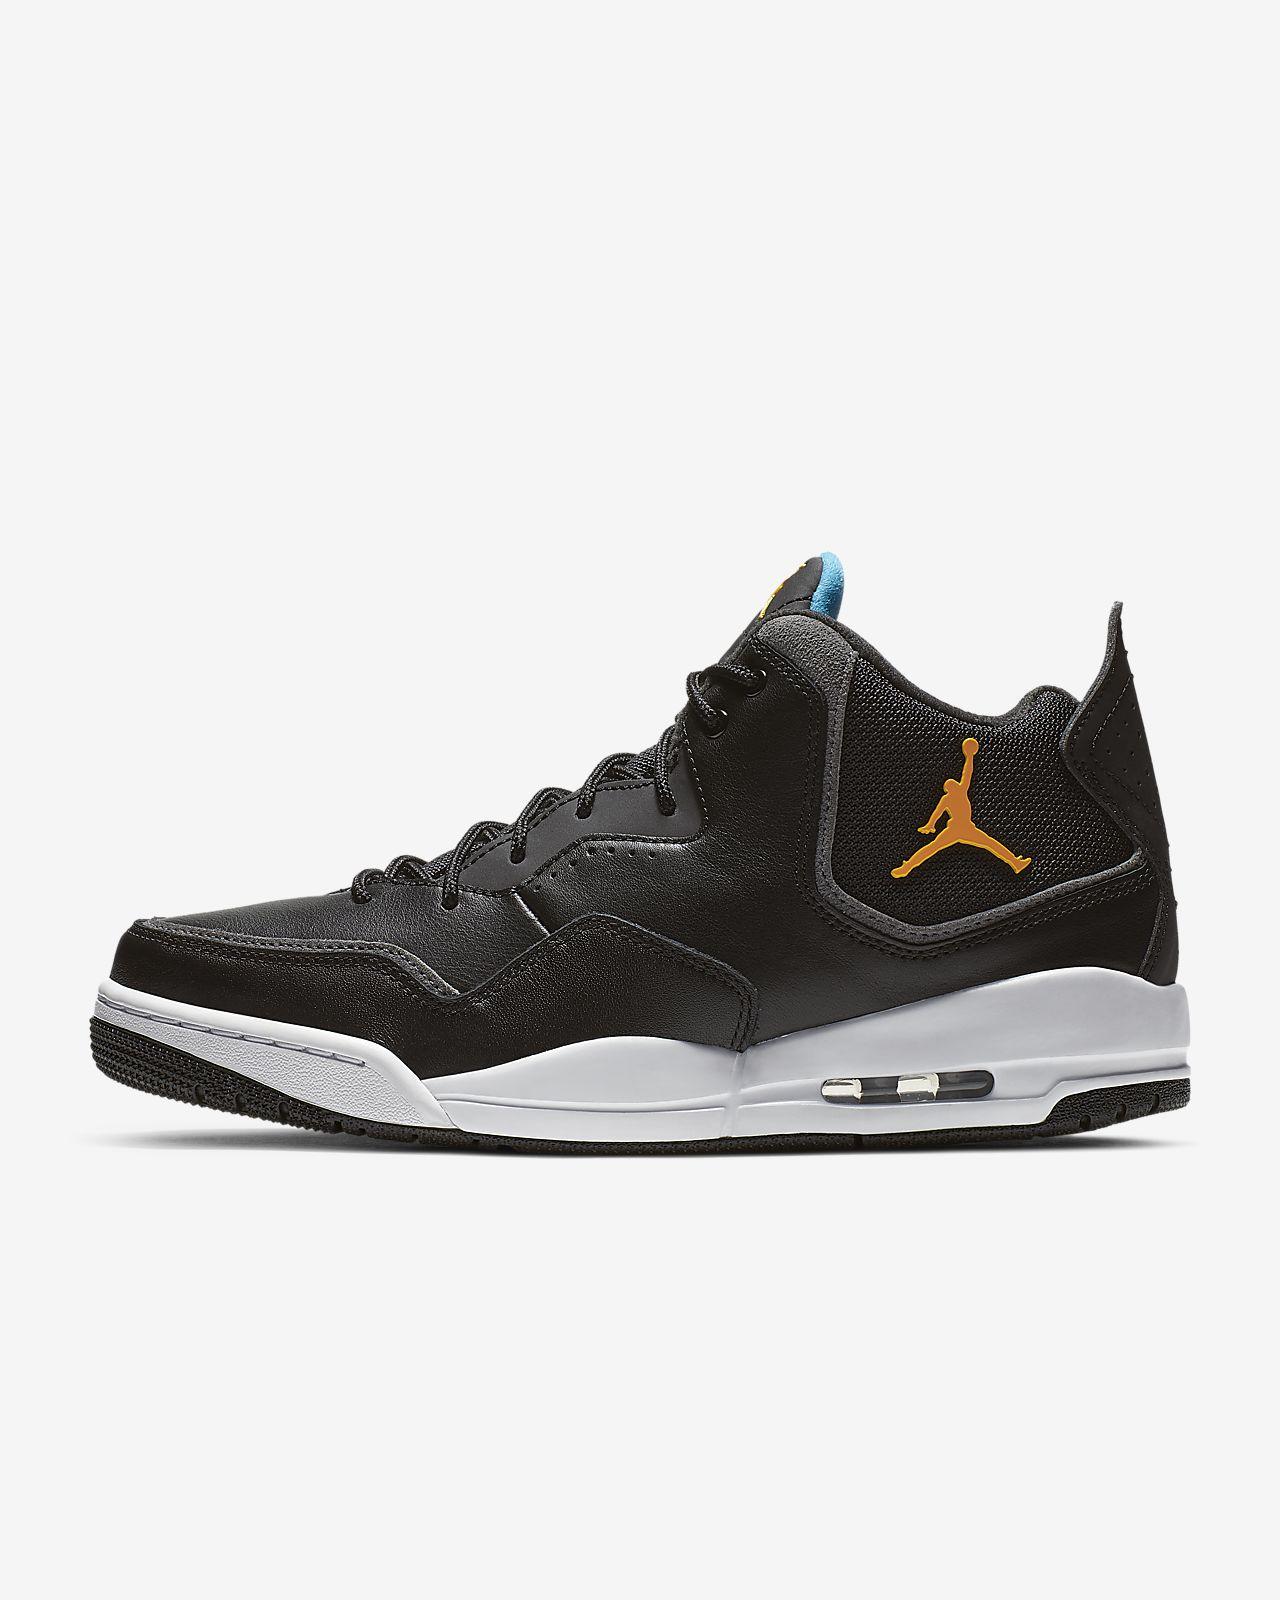 promo code 44e4e d578c ... Calzado para hombre Jordan Courtside 23